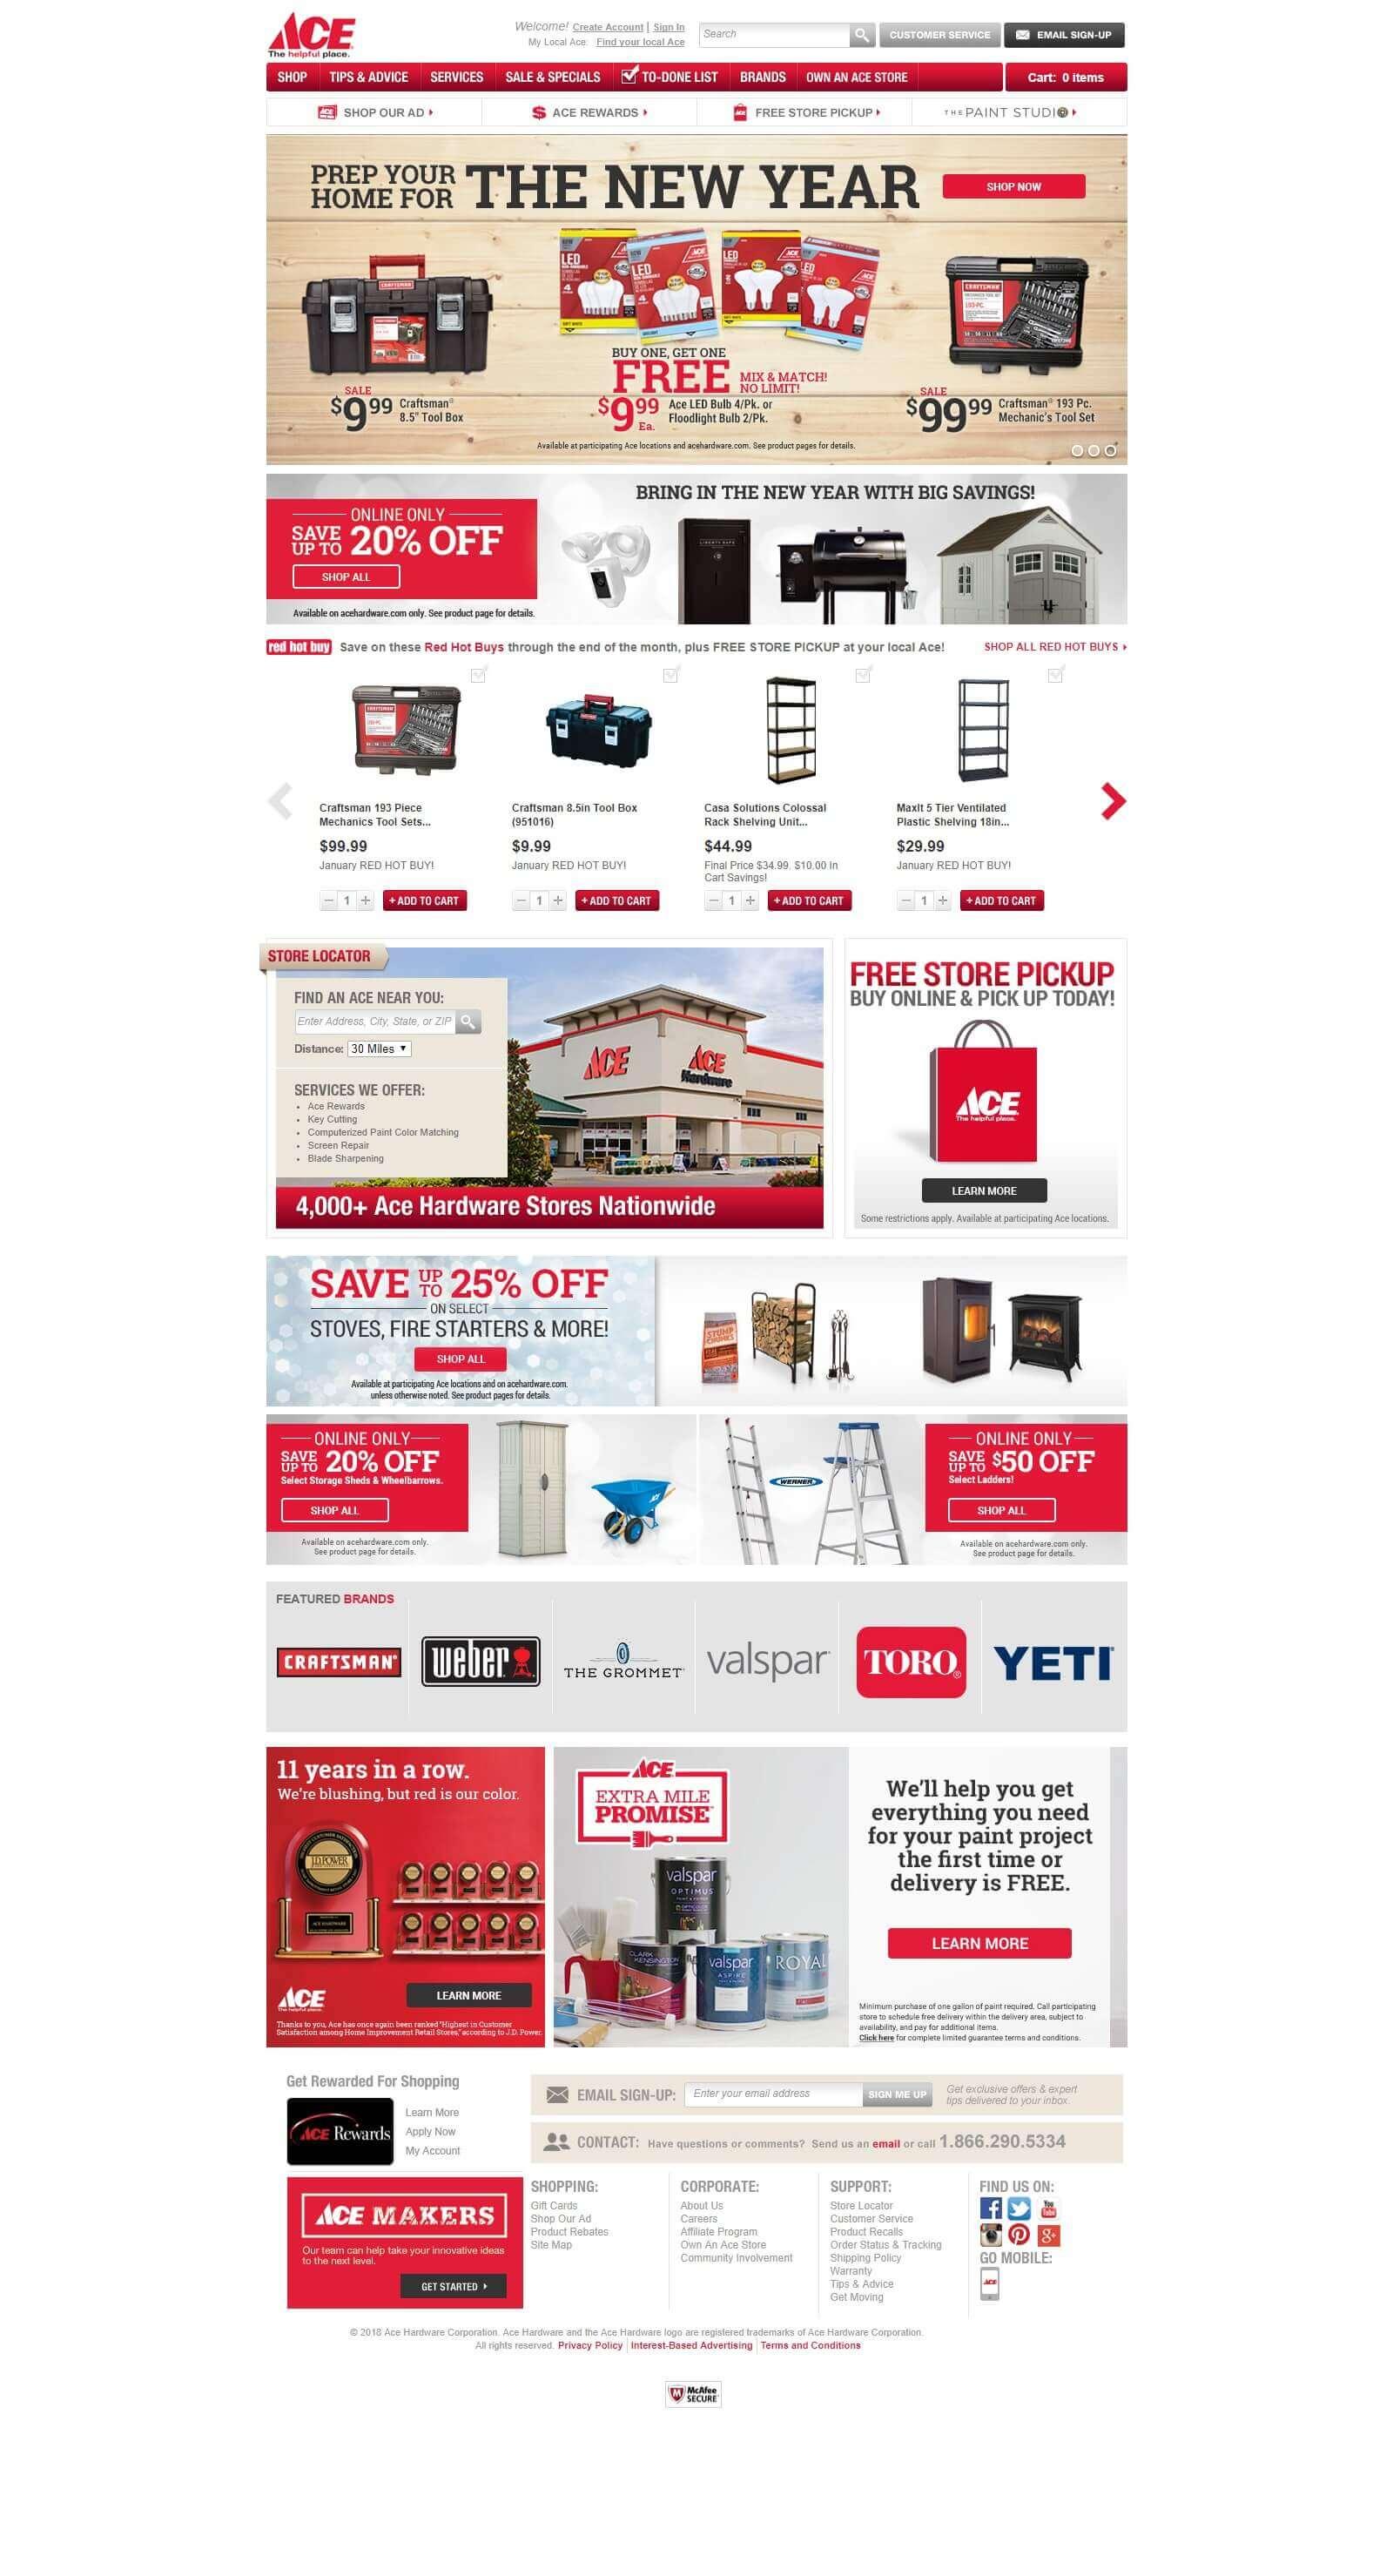 Mẫu website bán hàng vật liệu xây dựng chuyên nghiệp, chuẩn seo, giao diện độc quyền